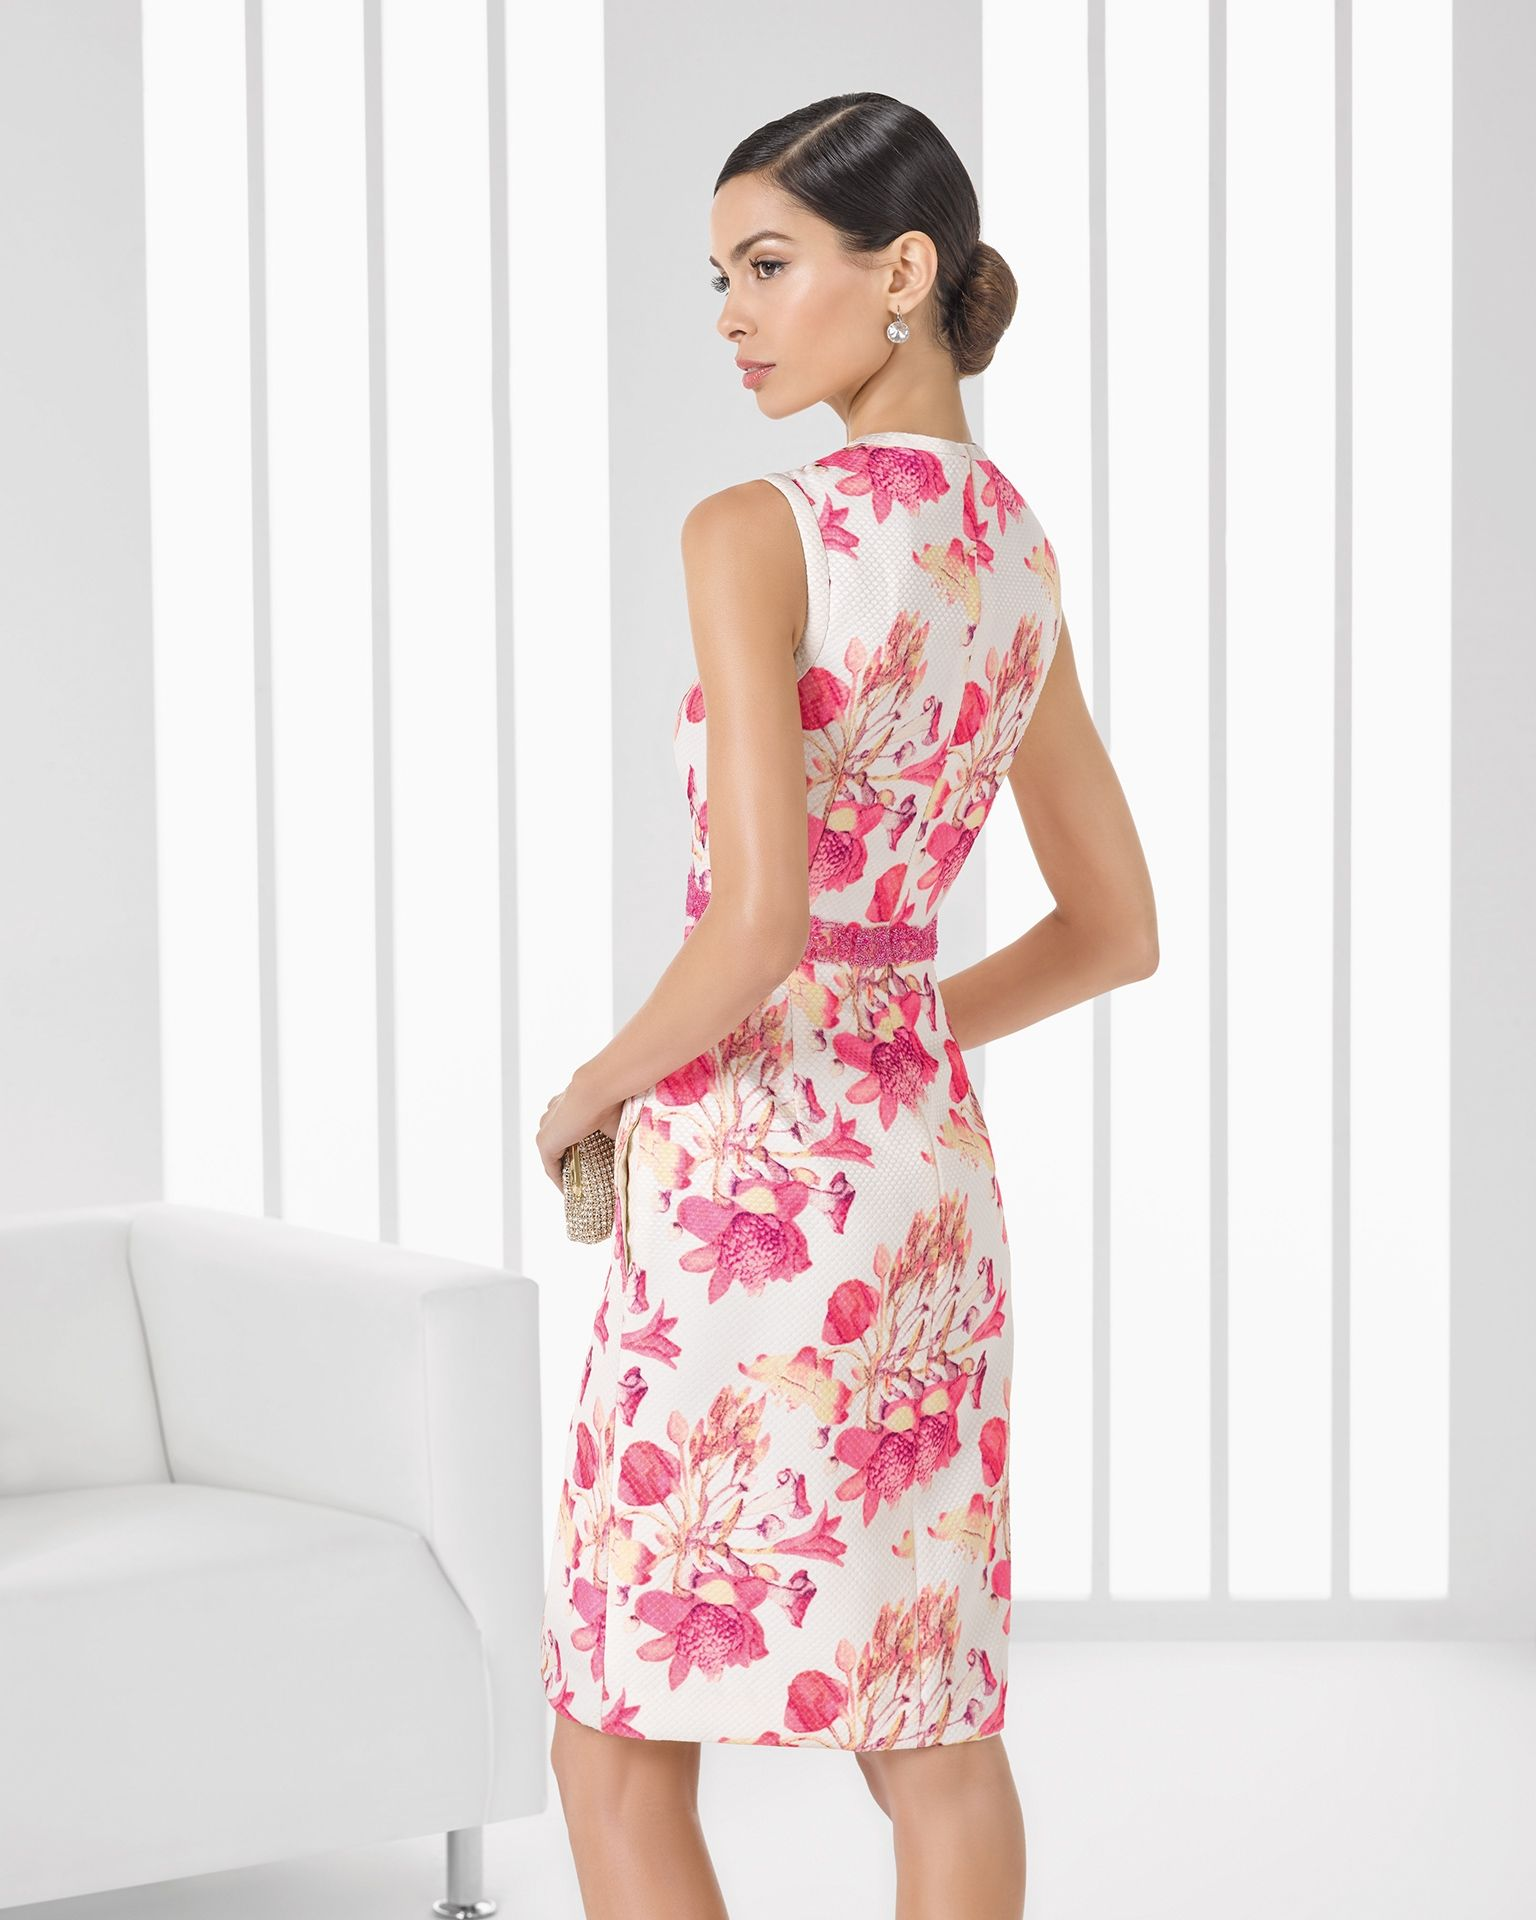 Increíble Vestido De Cóctel Abs Modelo - Ideas de Estilos de Vestido ...